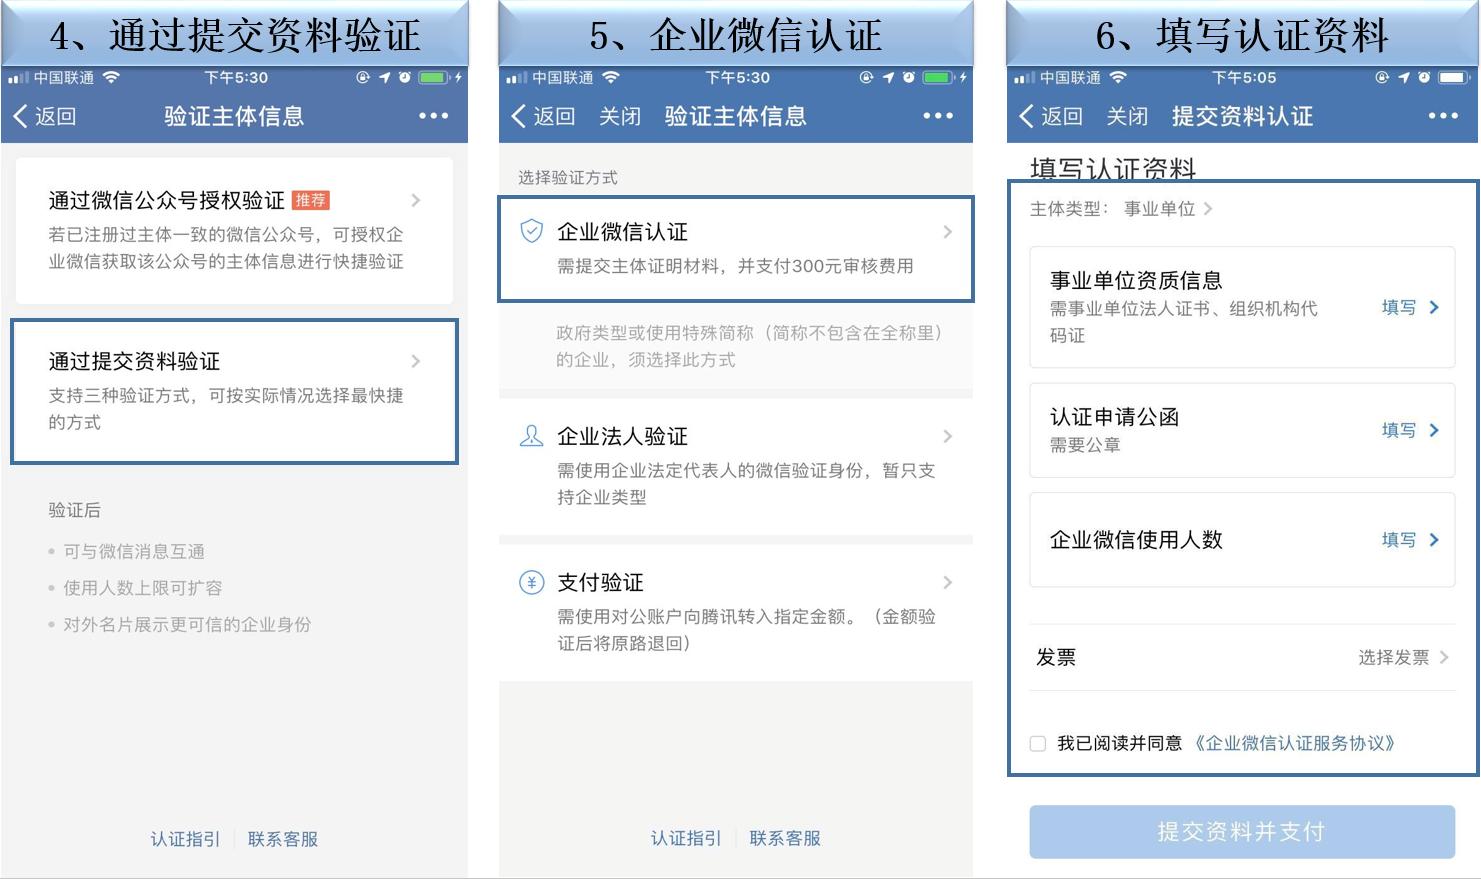 企业微信认证手机端申请流程(事业单位类型)